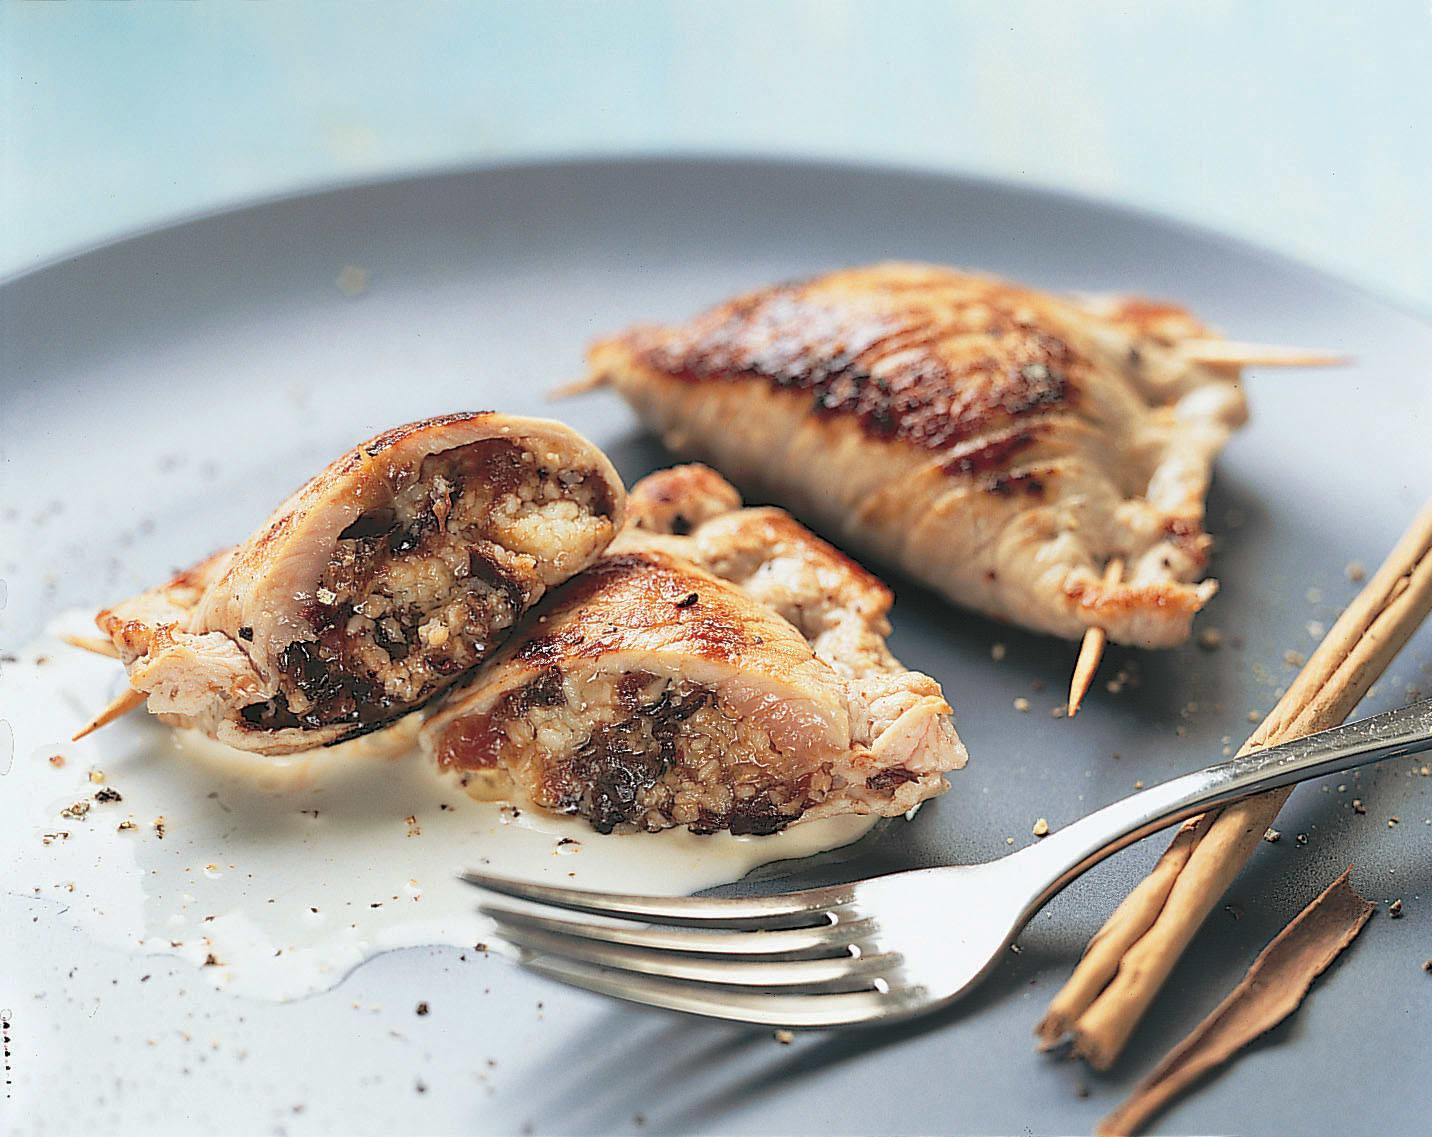 Paupiettes de veau aux pruneaux et au gruyère, sauce à la cannelle